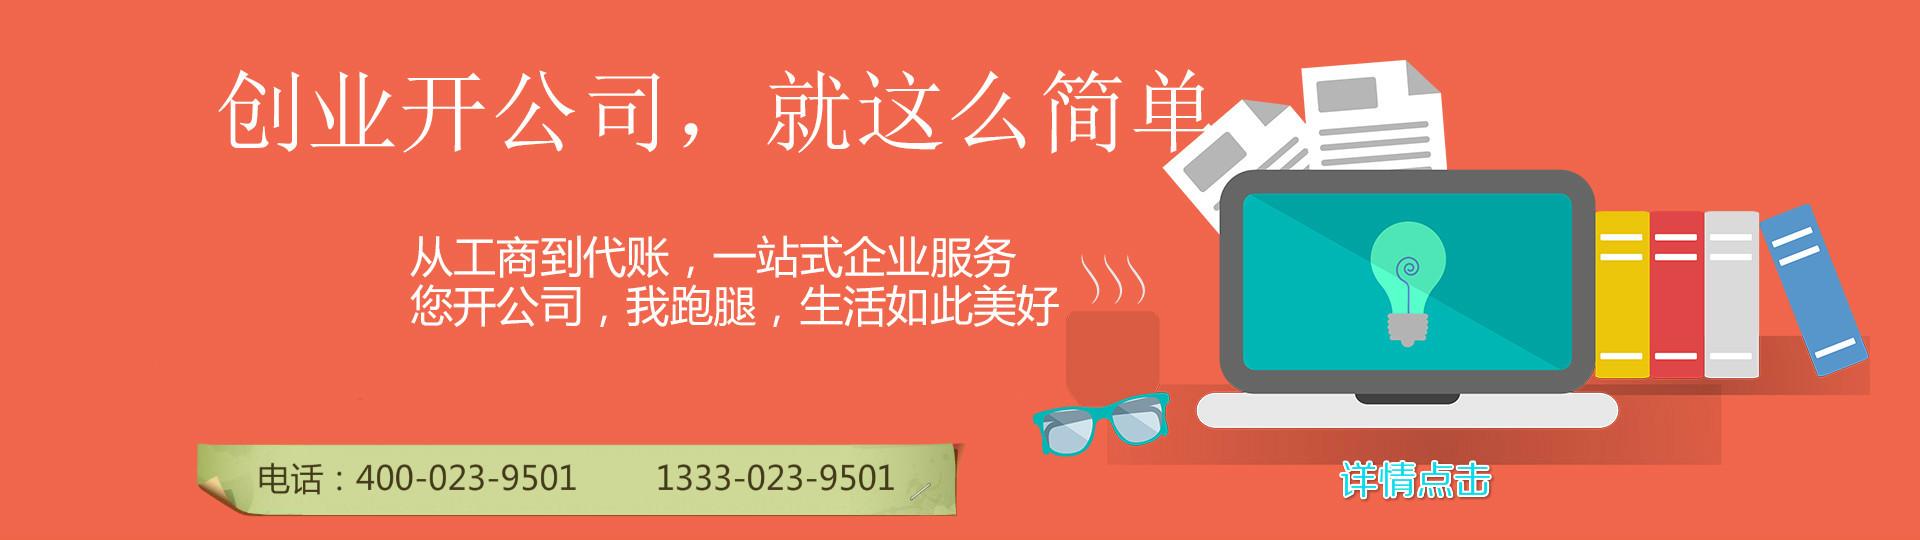 大竹县营业执照代办欢迎来电咨询